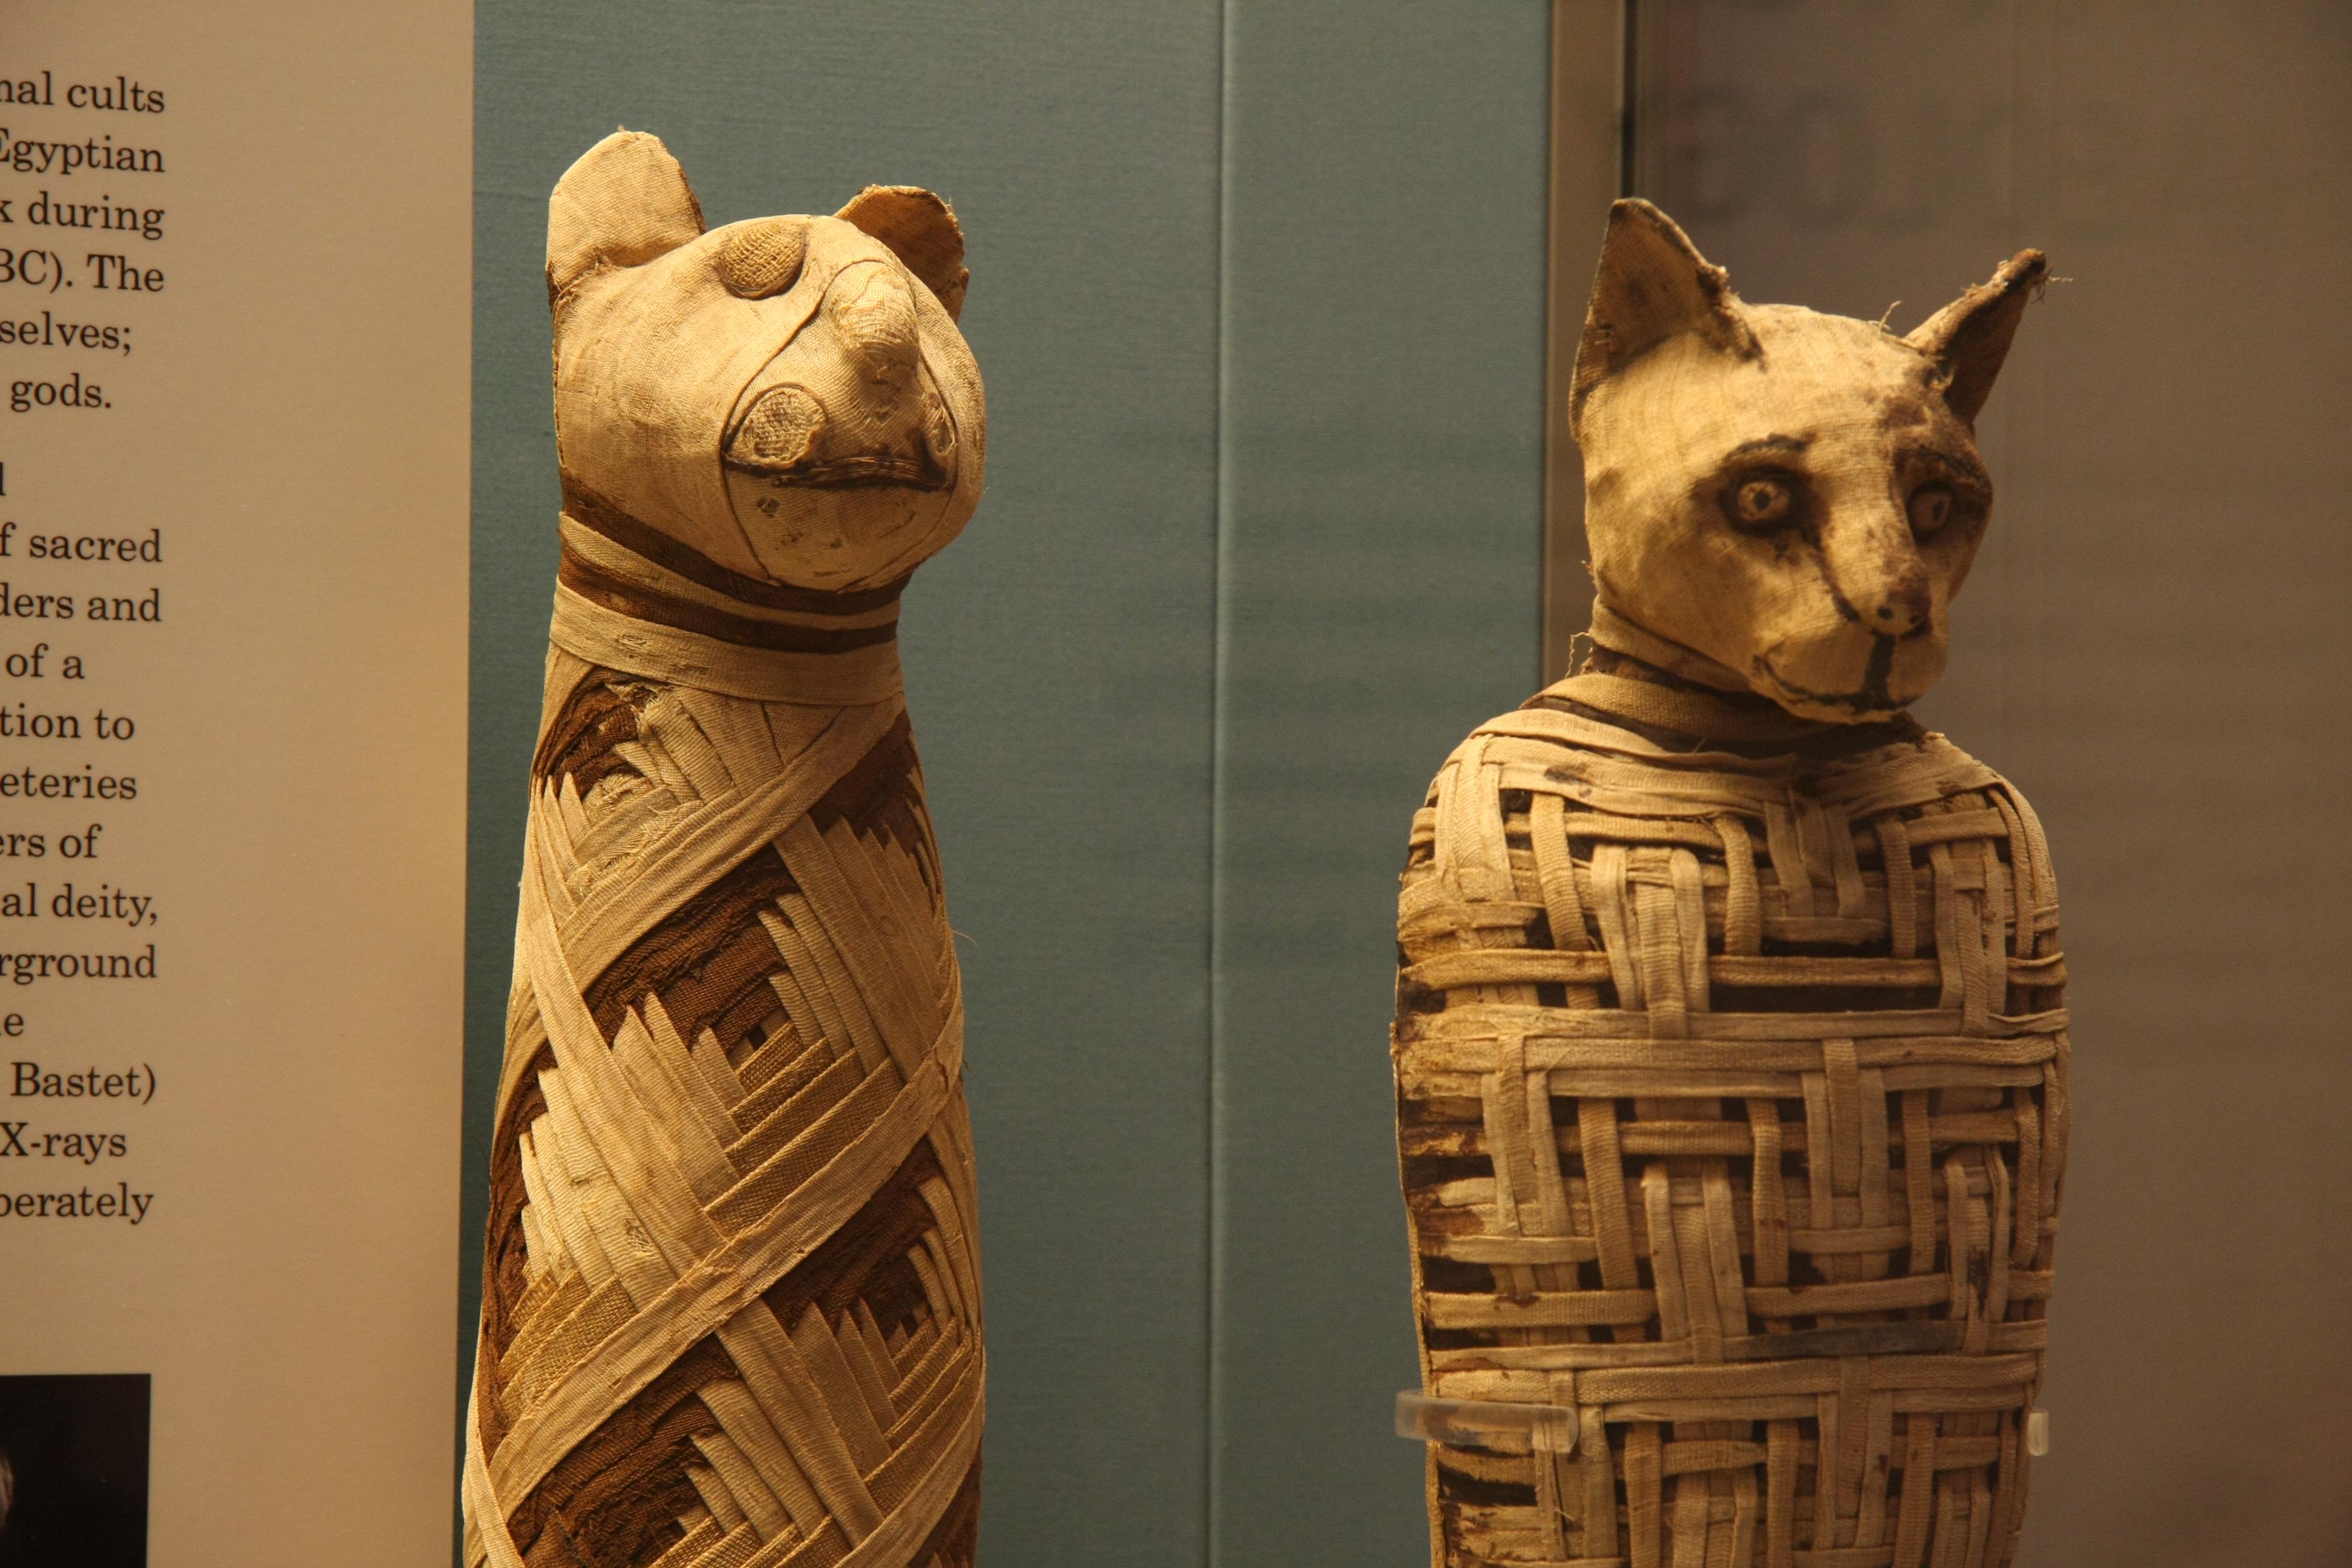 British museum, Egypt mummies of animals (4423733728).jpg